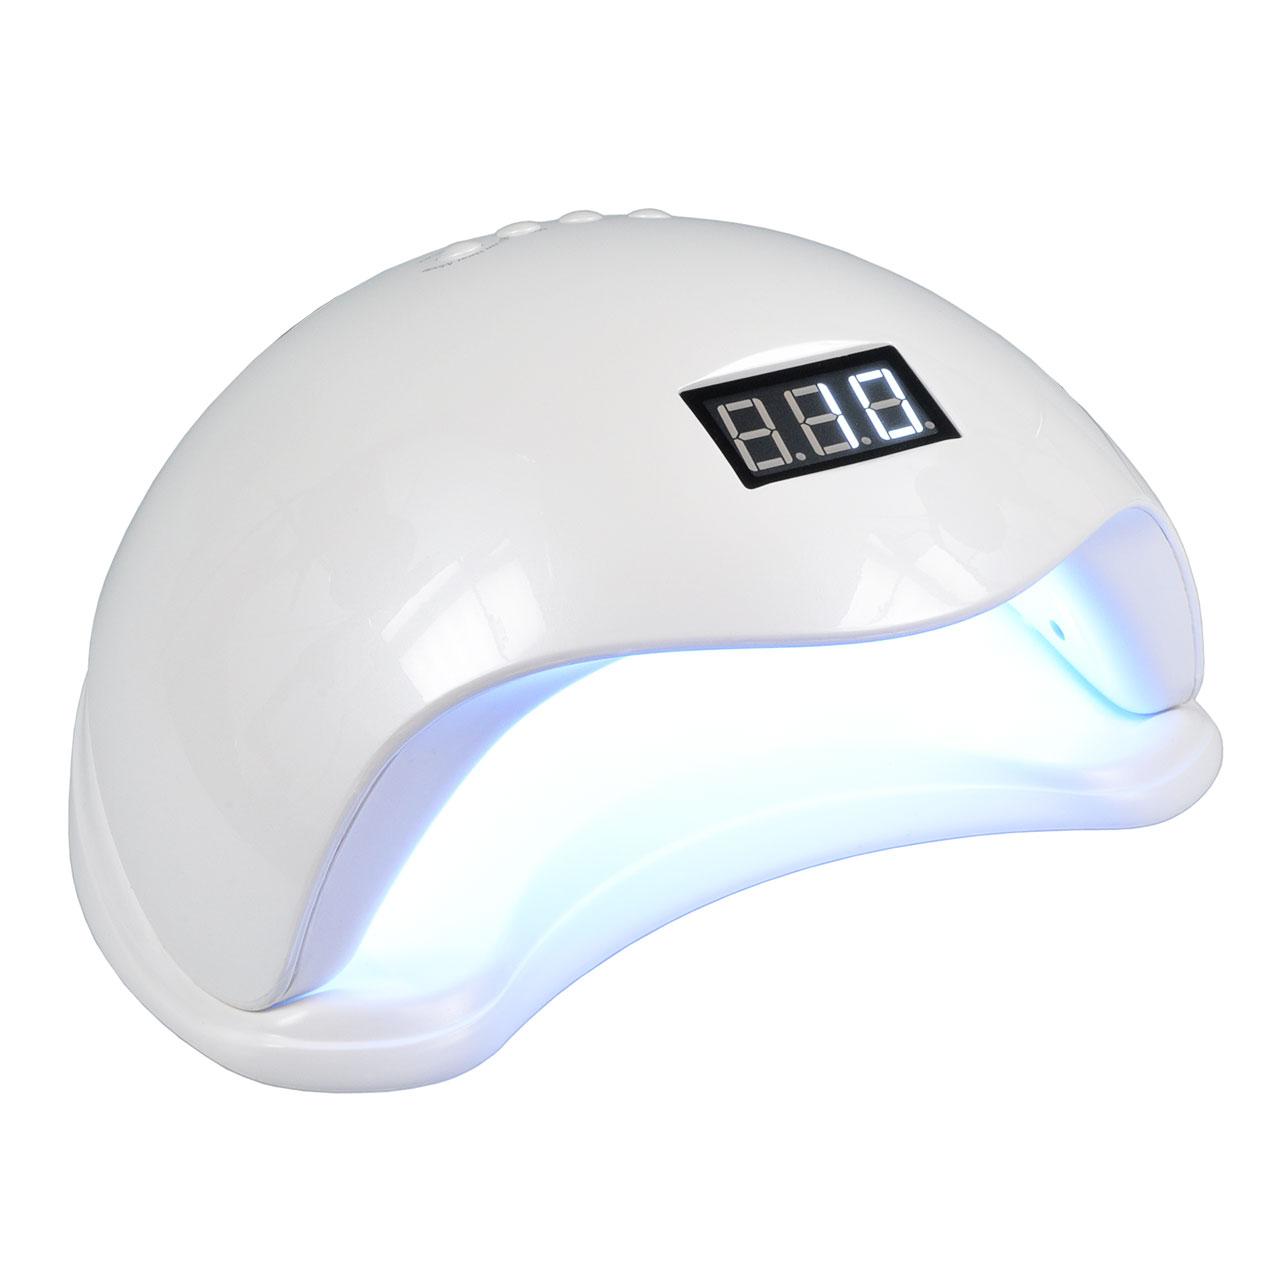 Sun5 Lampe 48w Pour Uv Multifonction Led Gel MpSzqUGV